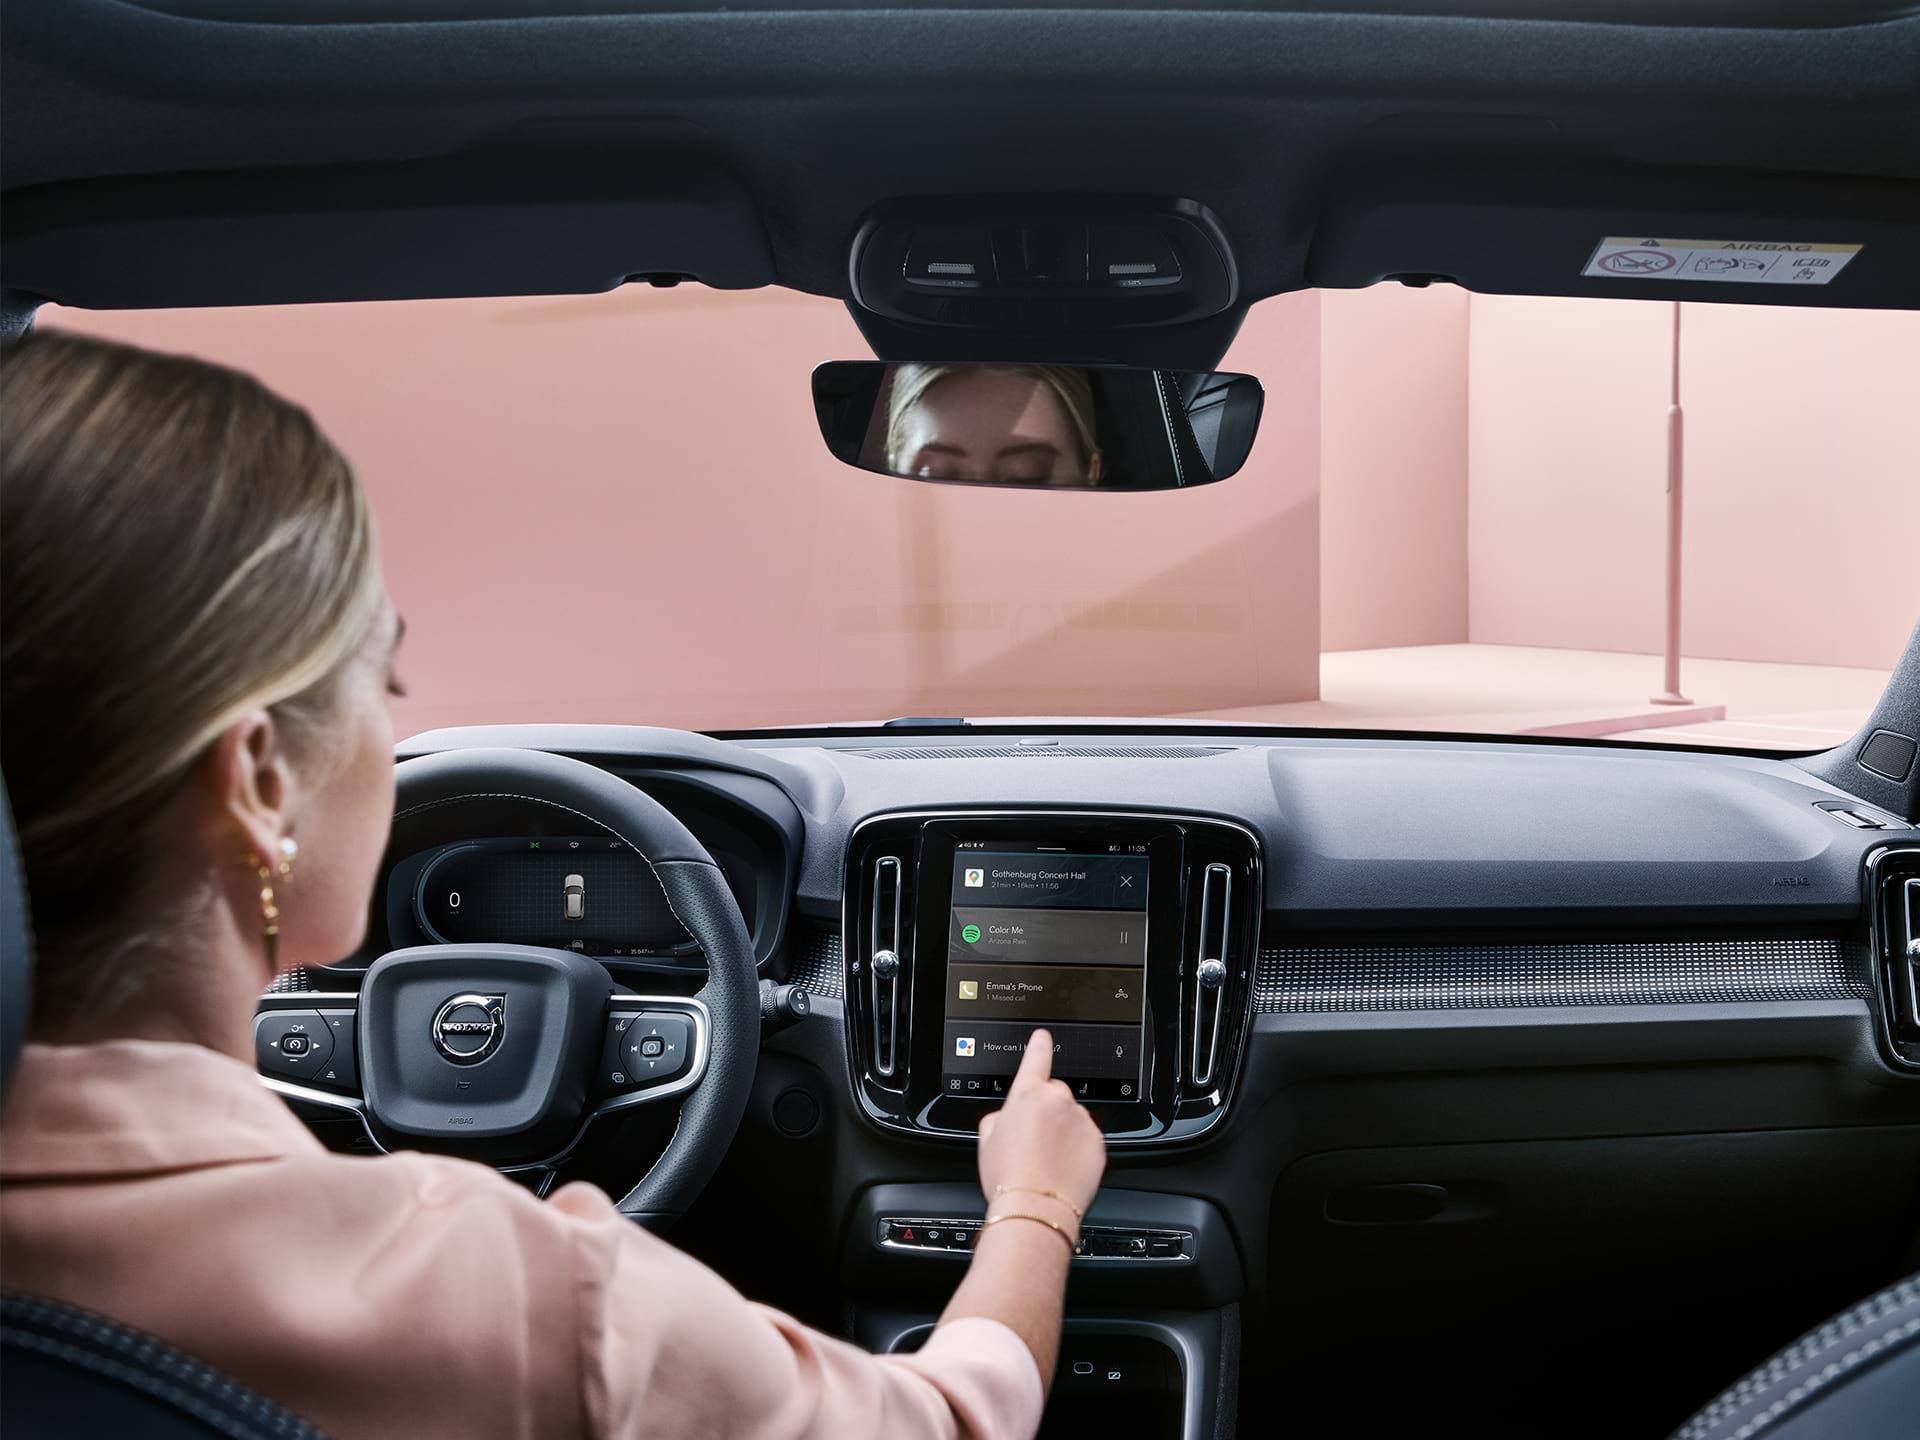 Una mujer dentro de un auto Volvo XC40 Recharge, usando el sistema de conectividad